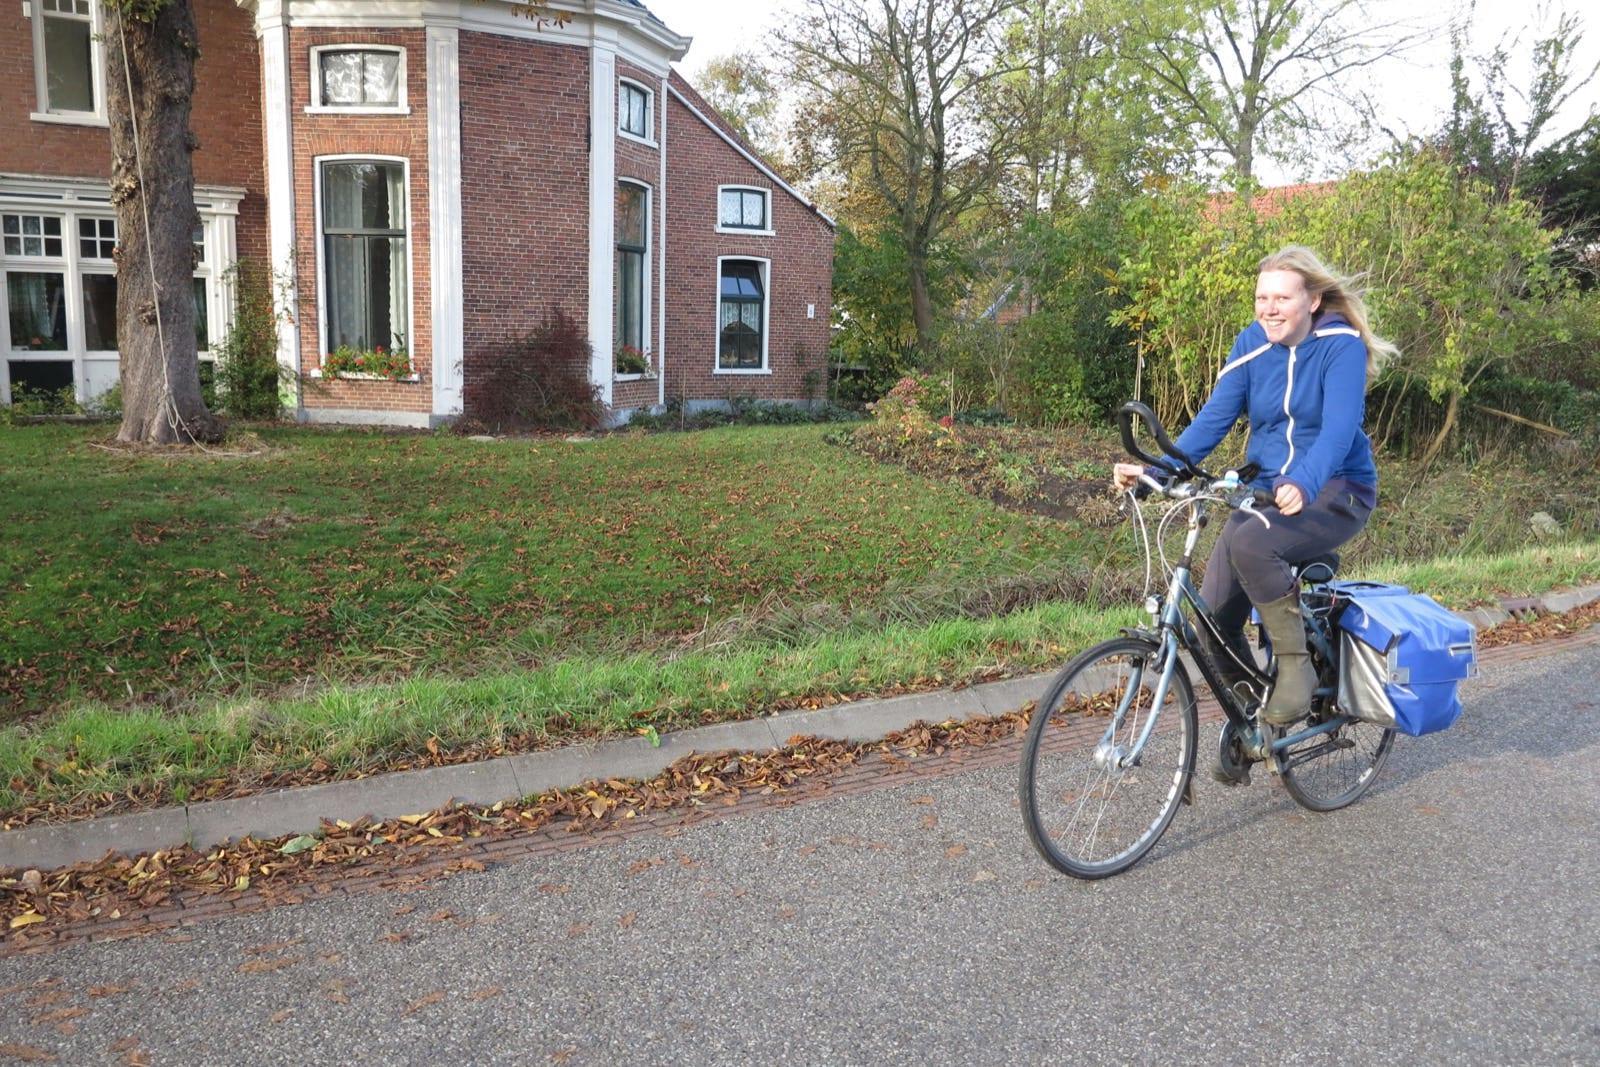 et-fiets-en-fietser-102-winnie-oi.jpg